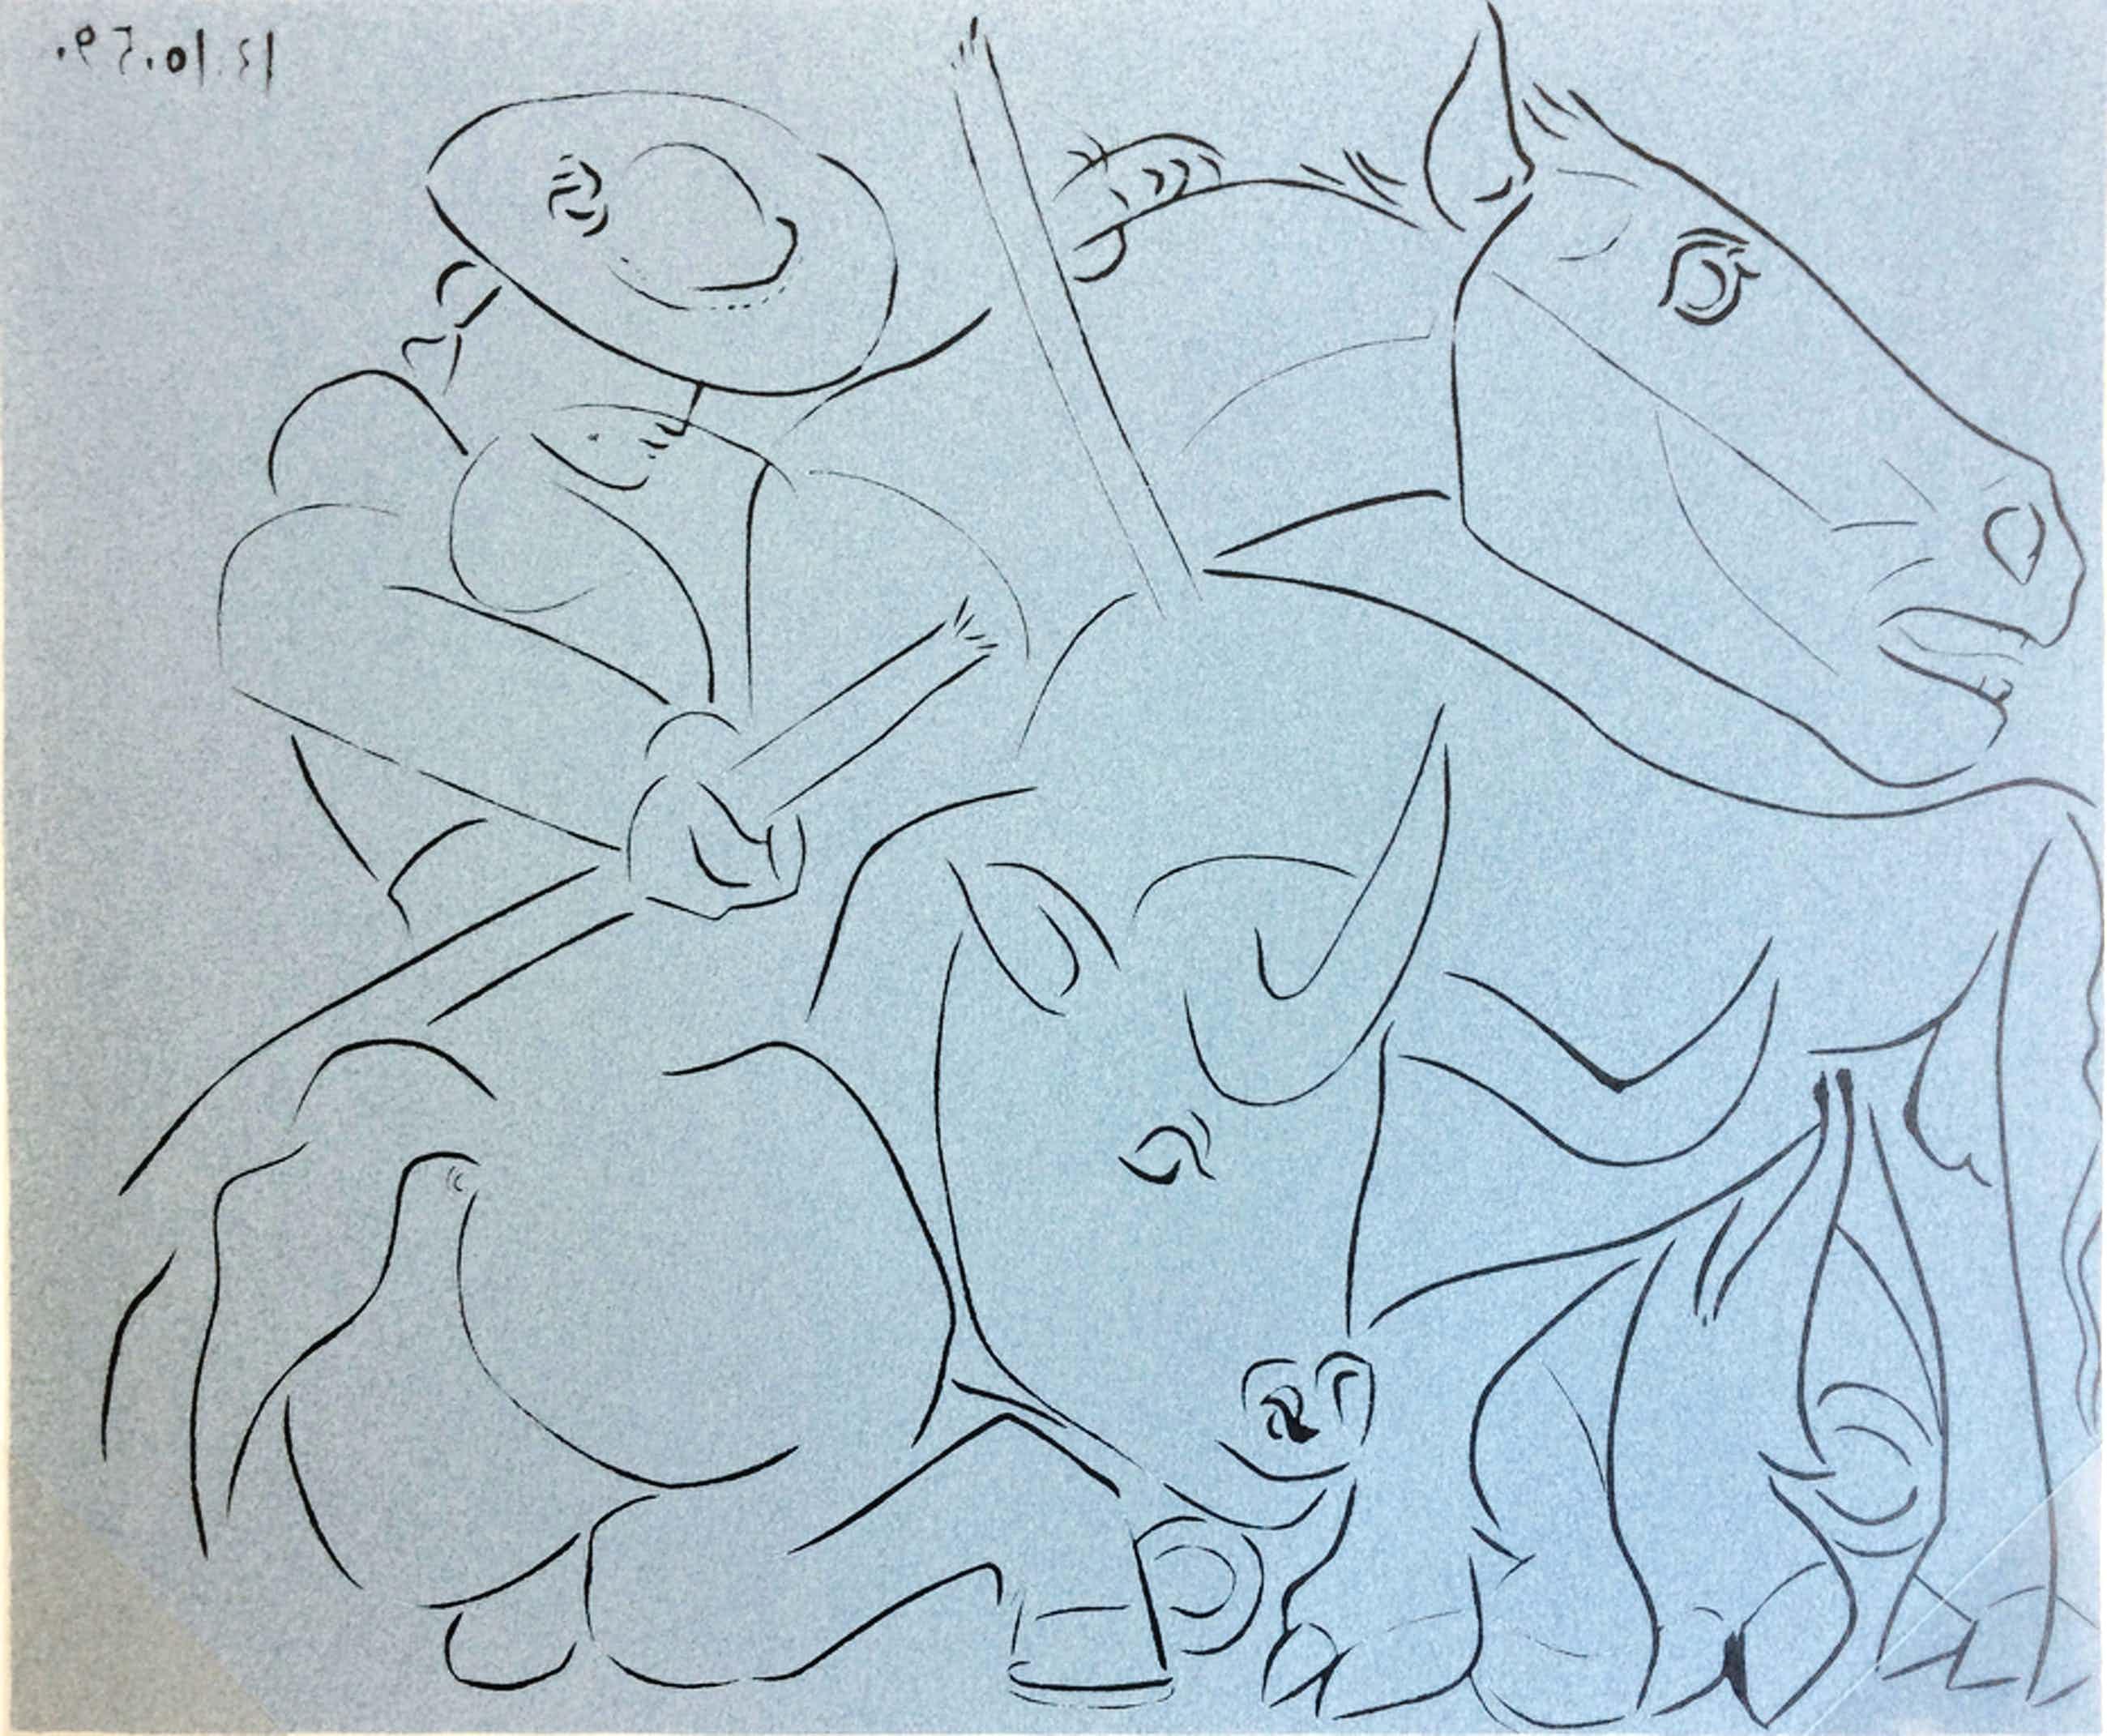 LAATSTE KANS! Pablo Picasso - La Pique cassée - linodruk S.P.A.D.E.M. 1962 kopen? Bied vanaf 85!